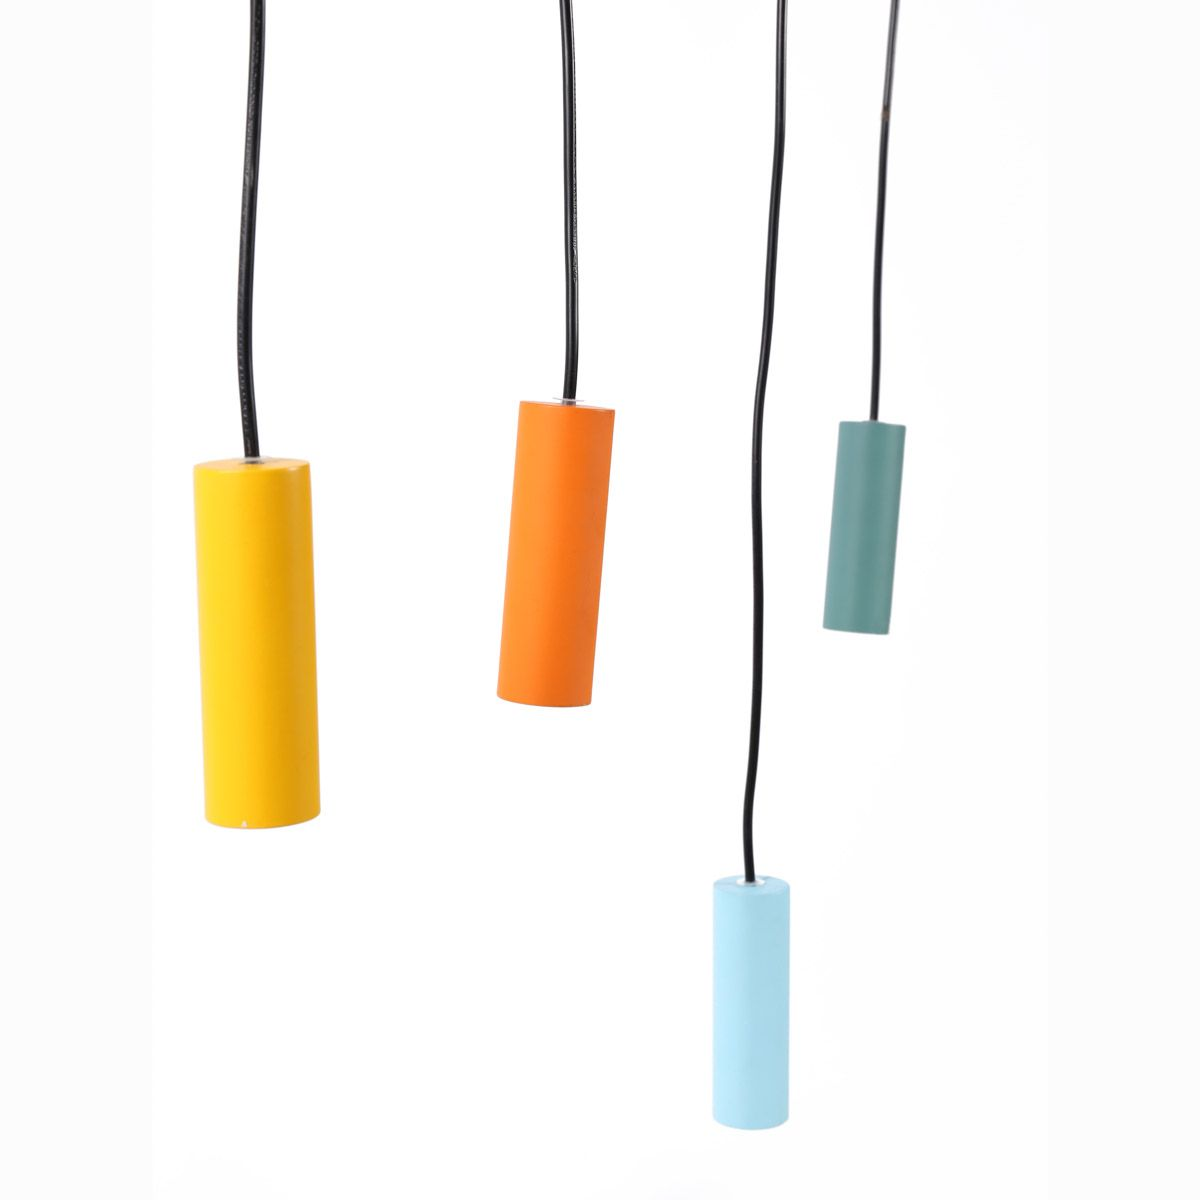 Suspension en fer et aluminium 4 couleurs